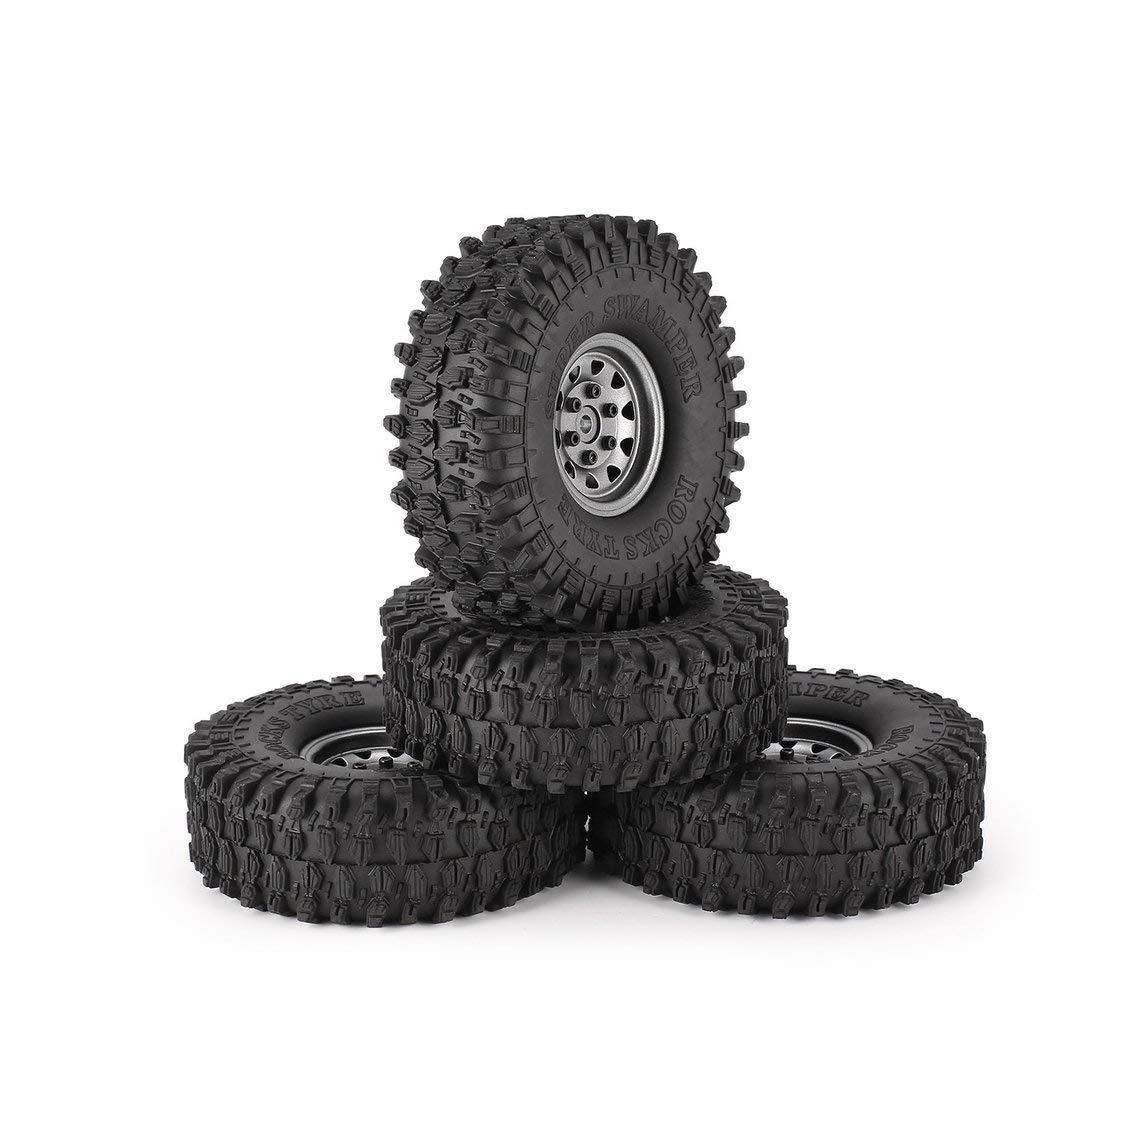 hasta un 60% de descuento Footprintes 4 4 4 Unids 1.9 Pulgadas 120mm Neumáticos de Goma Neumático con Juego de Llantas de Rueda de Metal para 1/10 Traxxas TRX-4 SCX10 RC4 D90 RC Crawler Car Parte  barato y de alta calidad